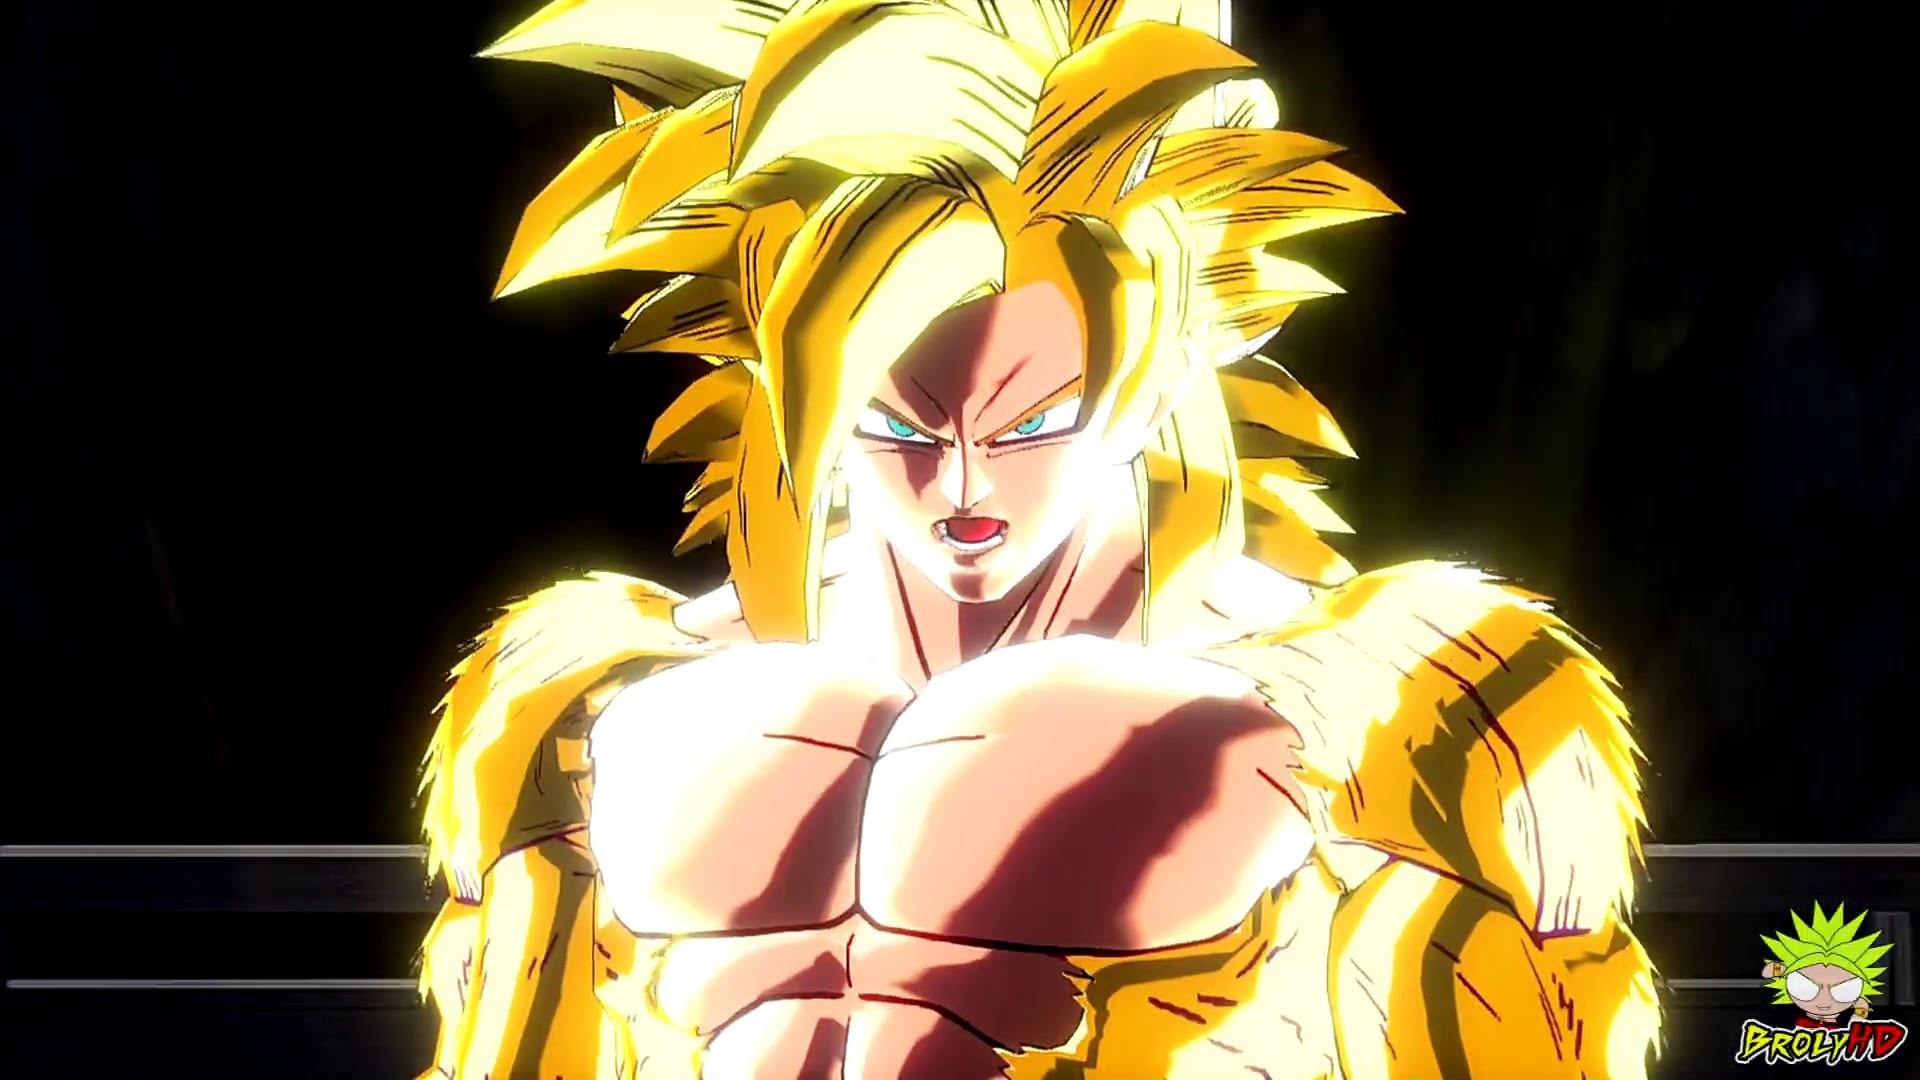 Dragon Ball Xenoverse – Golden Super Saiyan 4 Goku MOD [60FPS 1080p] –  YouTube